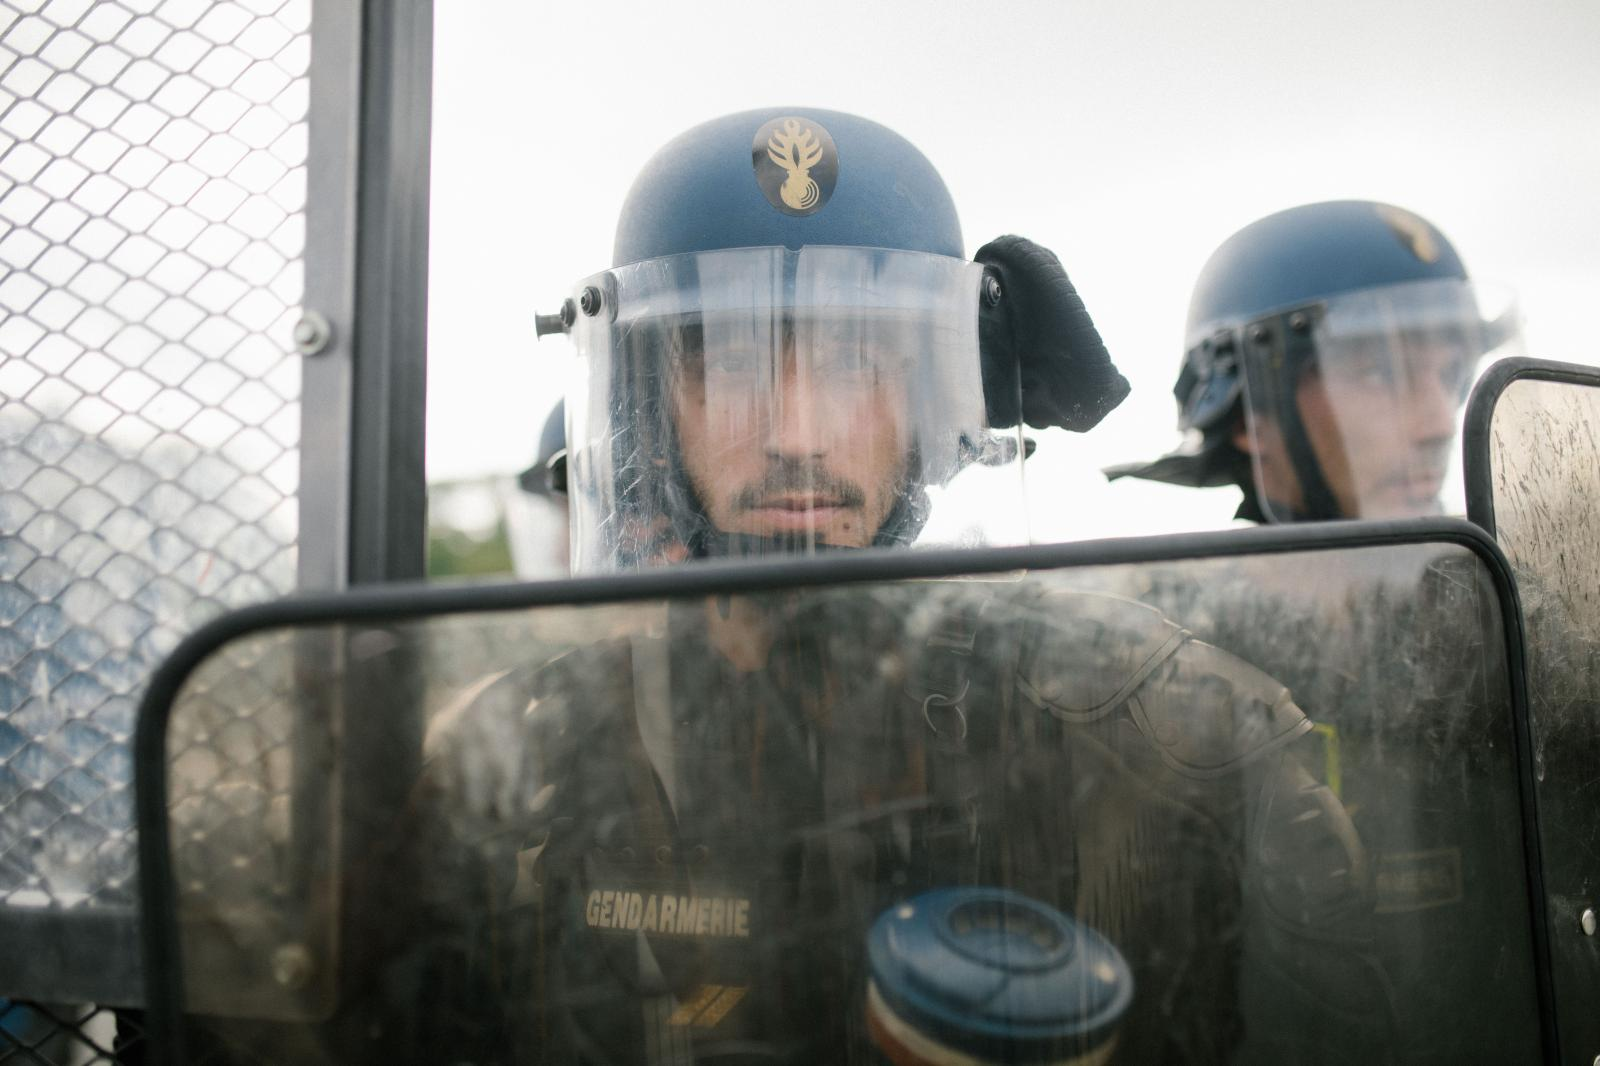 2019-08-24 - Gendarmerie during spontaneous demonstration in Bayonne, block bridge.